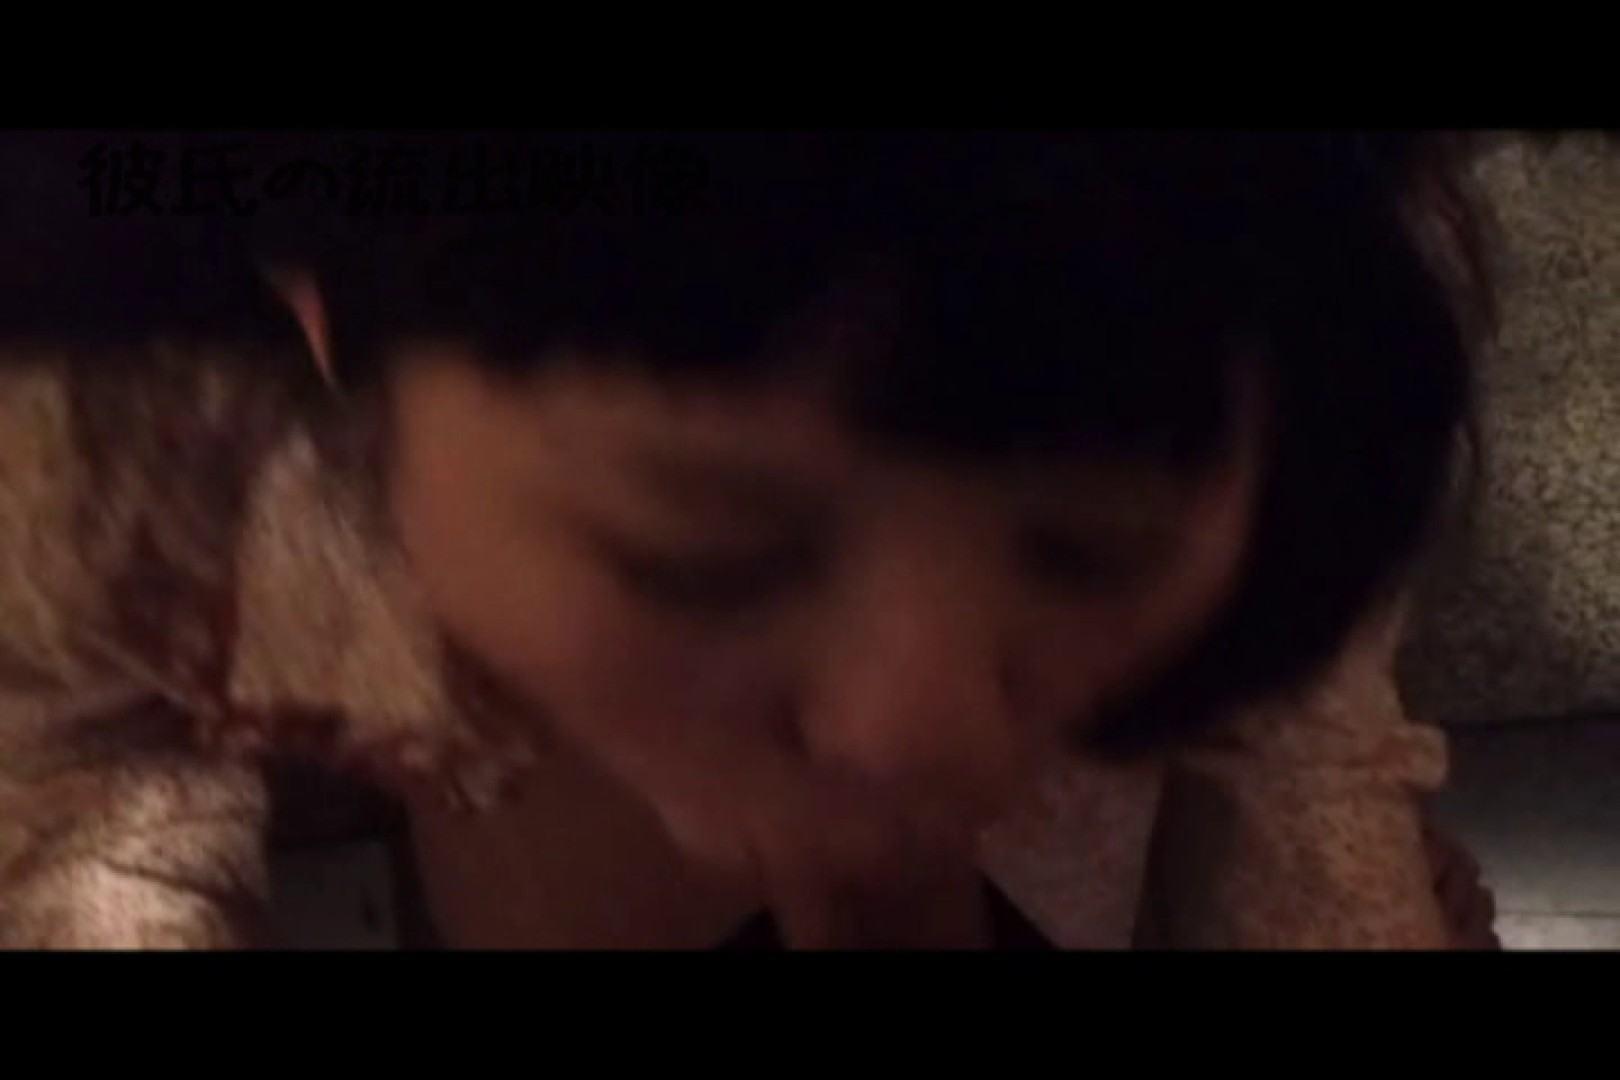 彼氏が流出 パイパン素人嬢のハメ撮り映像03 カップル | 可愛いパイパン  92pic 56